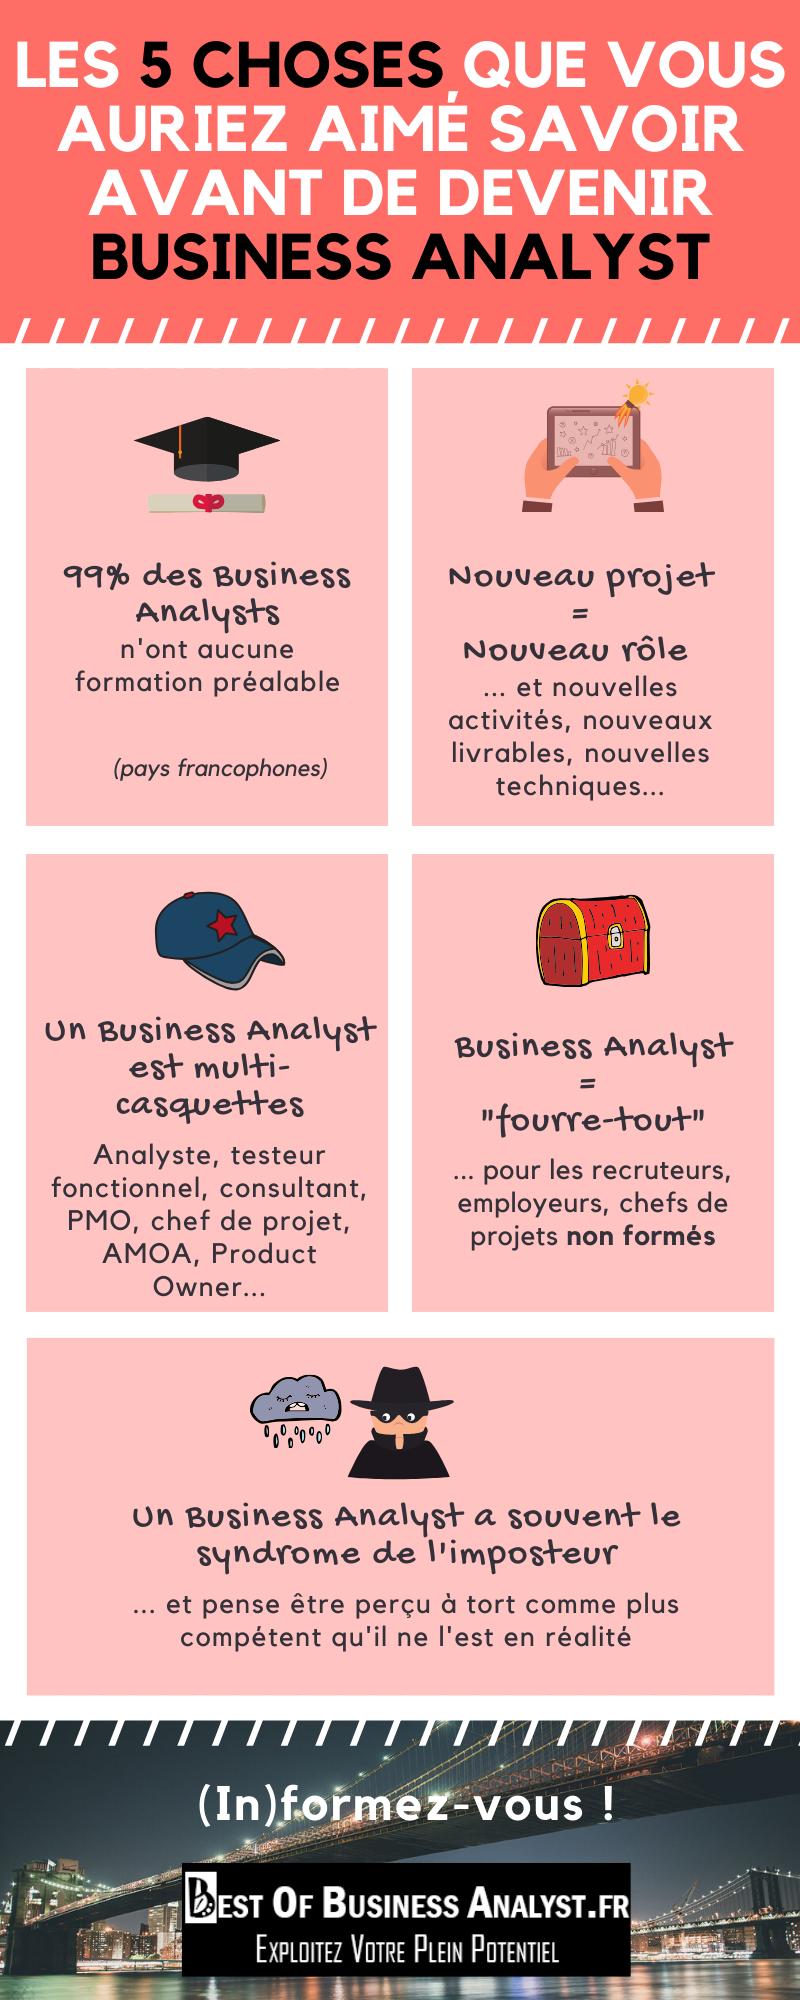 Les 5 choses que vous auriez aimé savoir avant de devenir Business Analyst